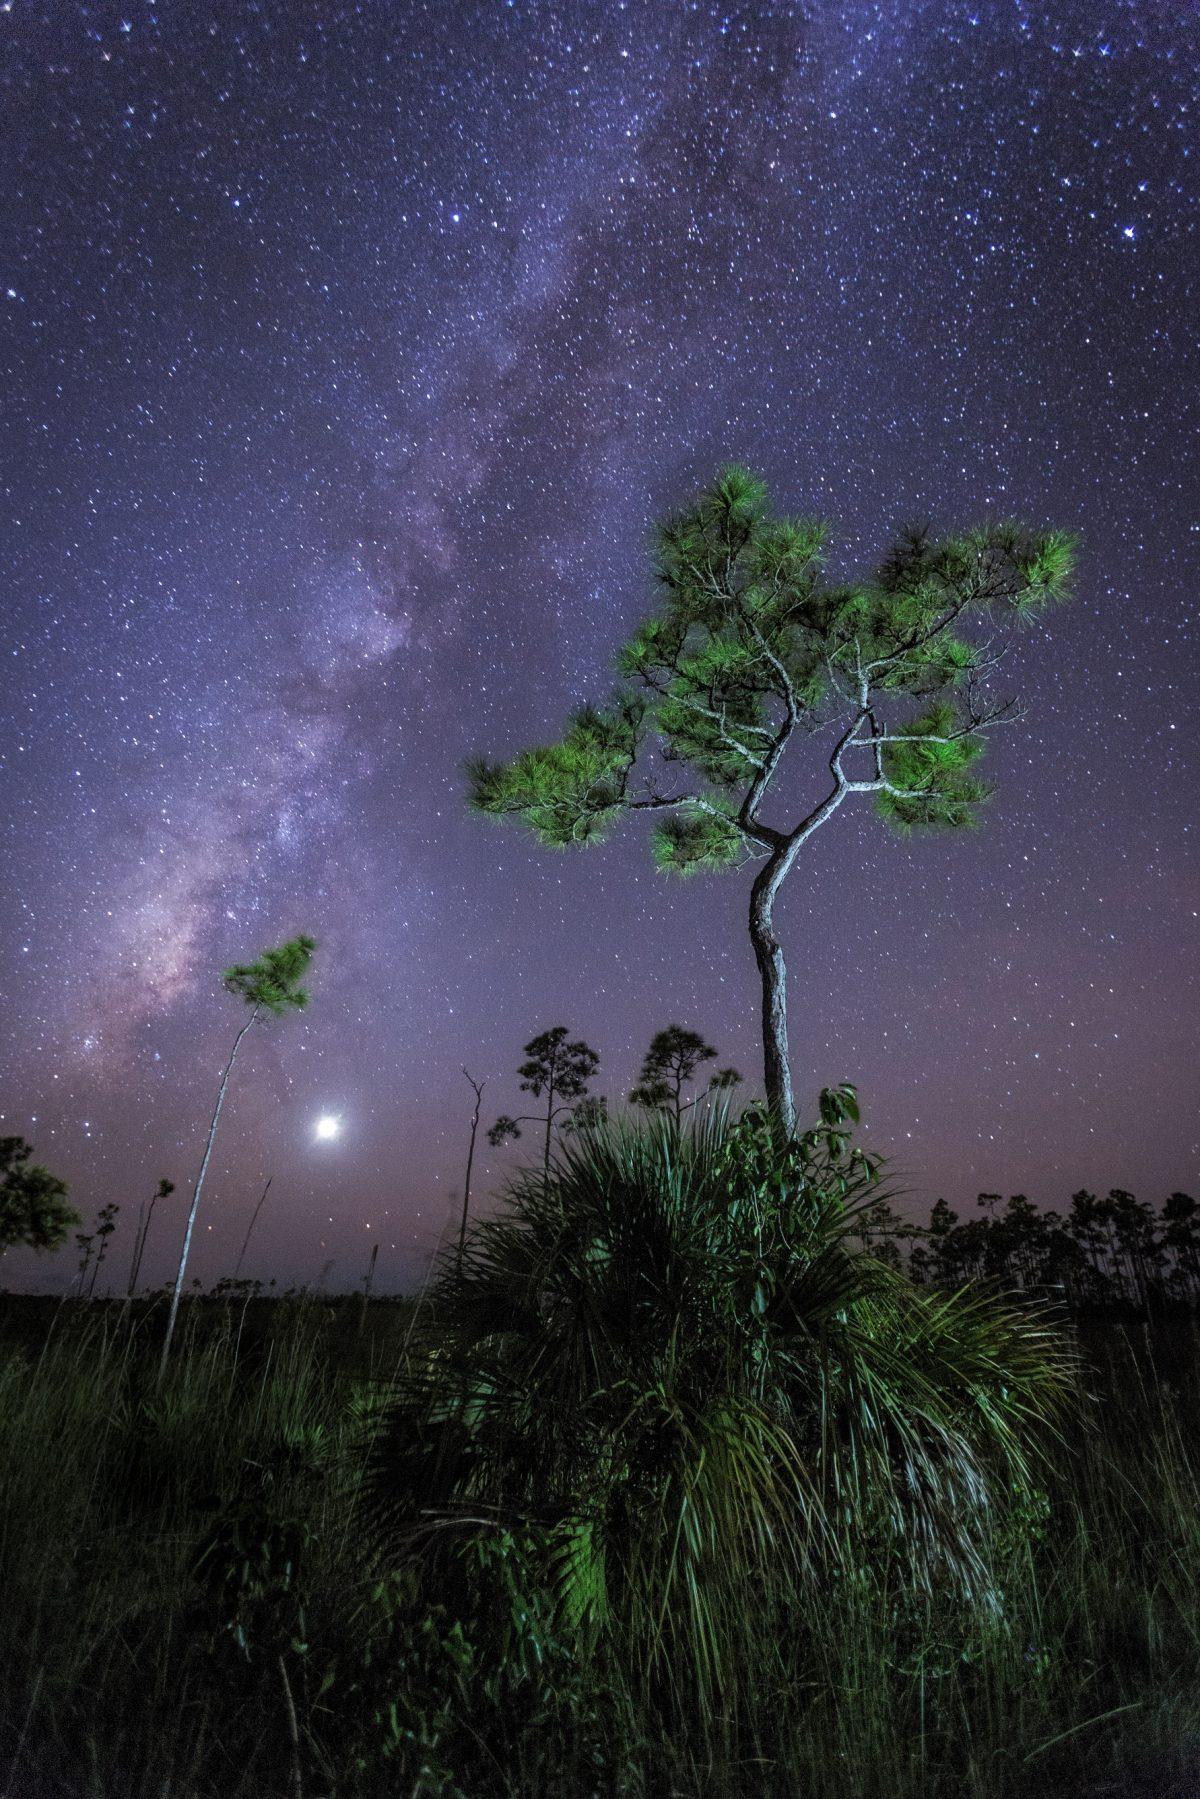 MacStone-tree and milky way